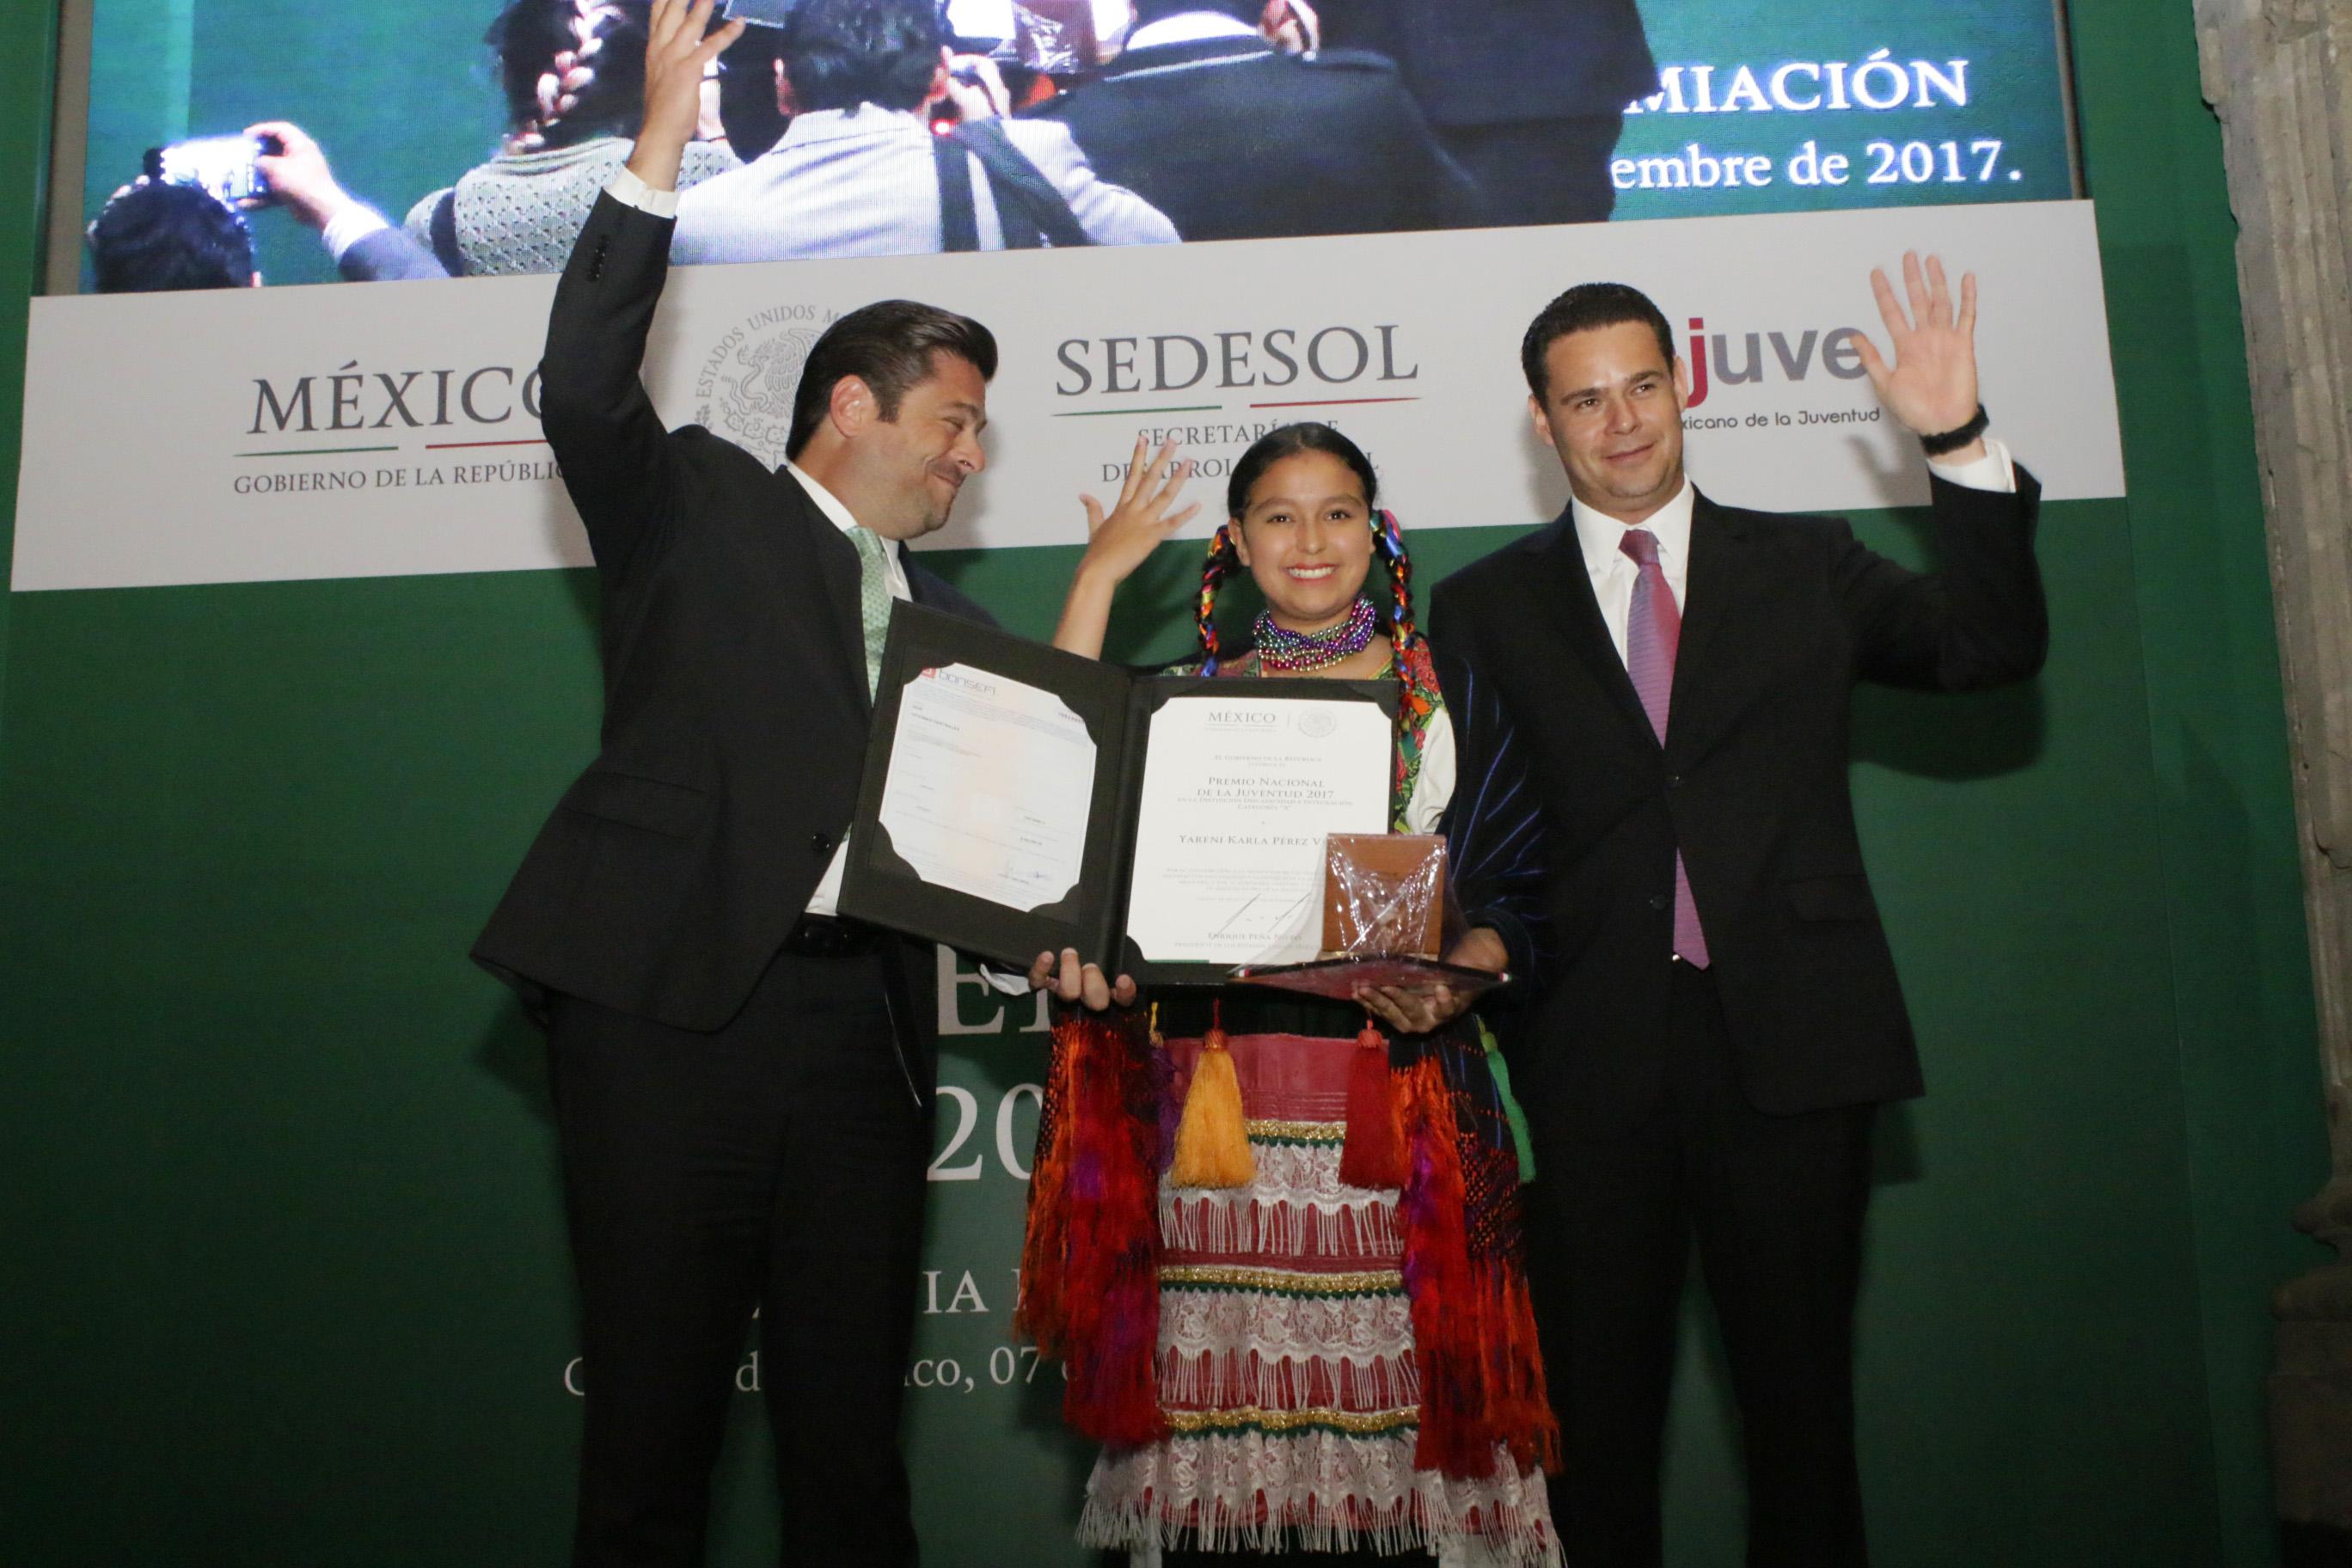 Entrega de Premio Nacional de la Juventud 2017